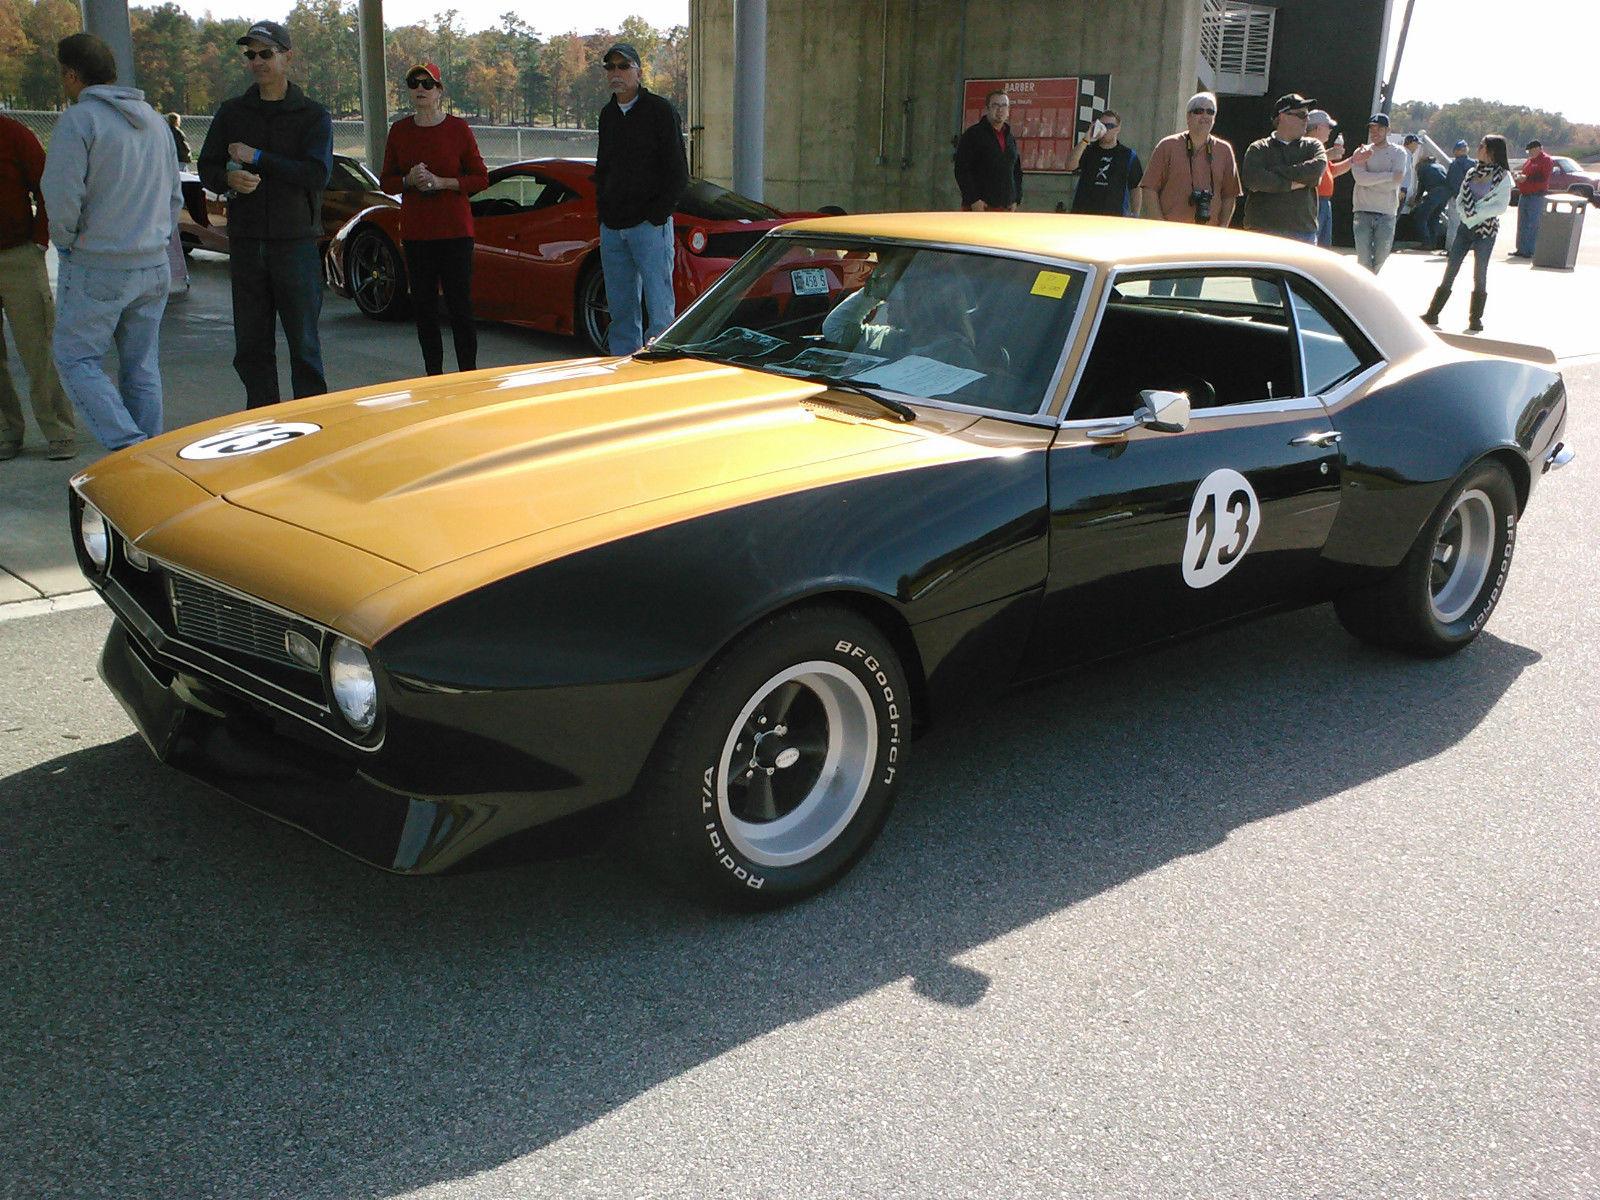 1968 Camaro Smokey Yunick Tribute Classic Chevrolet